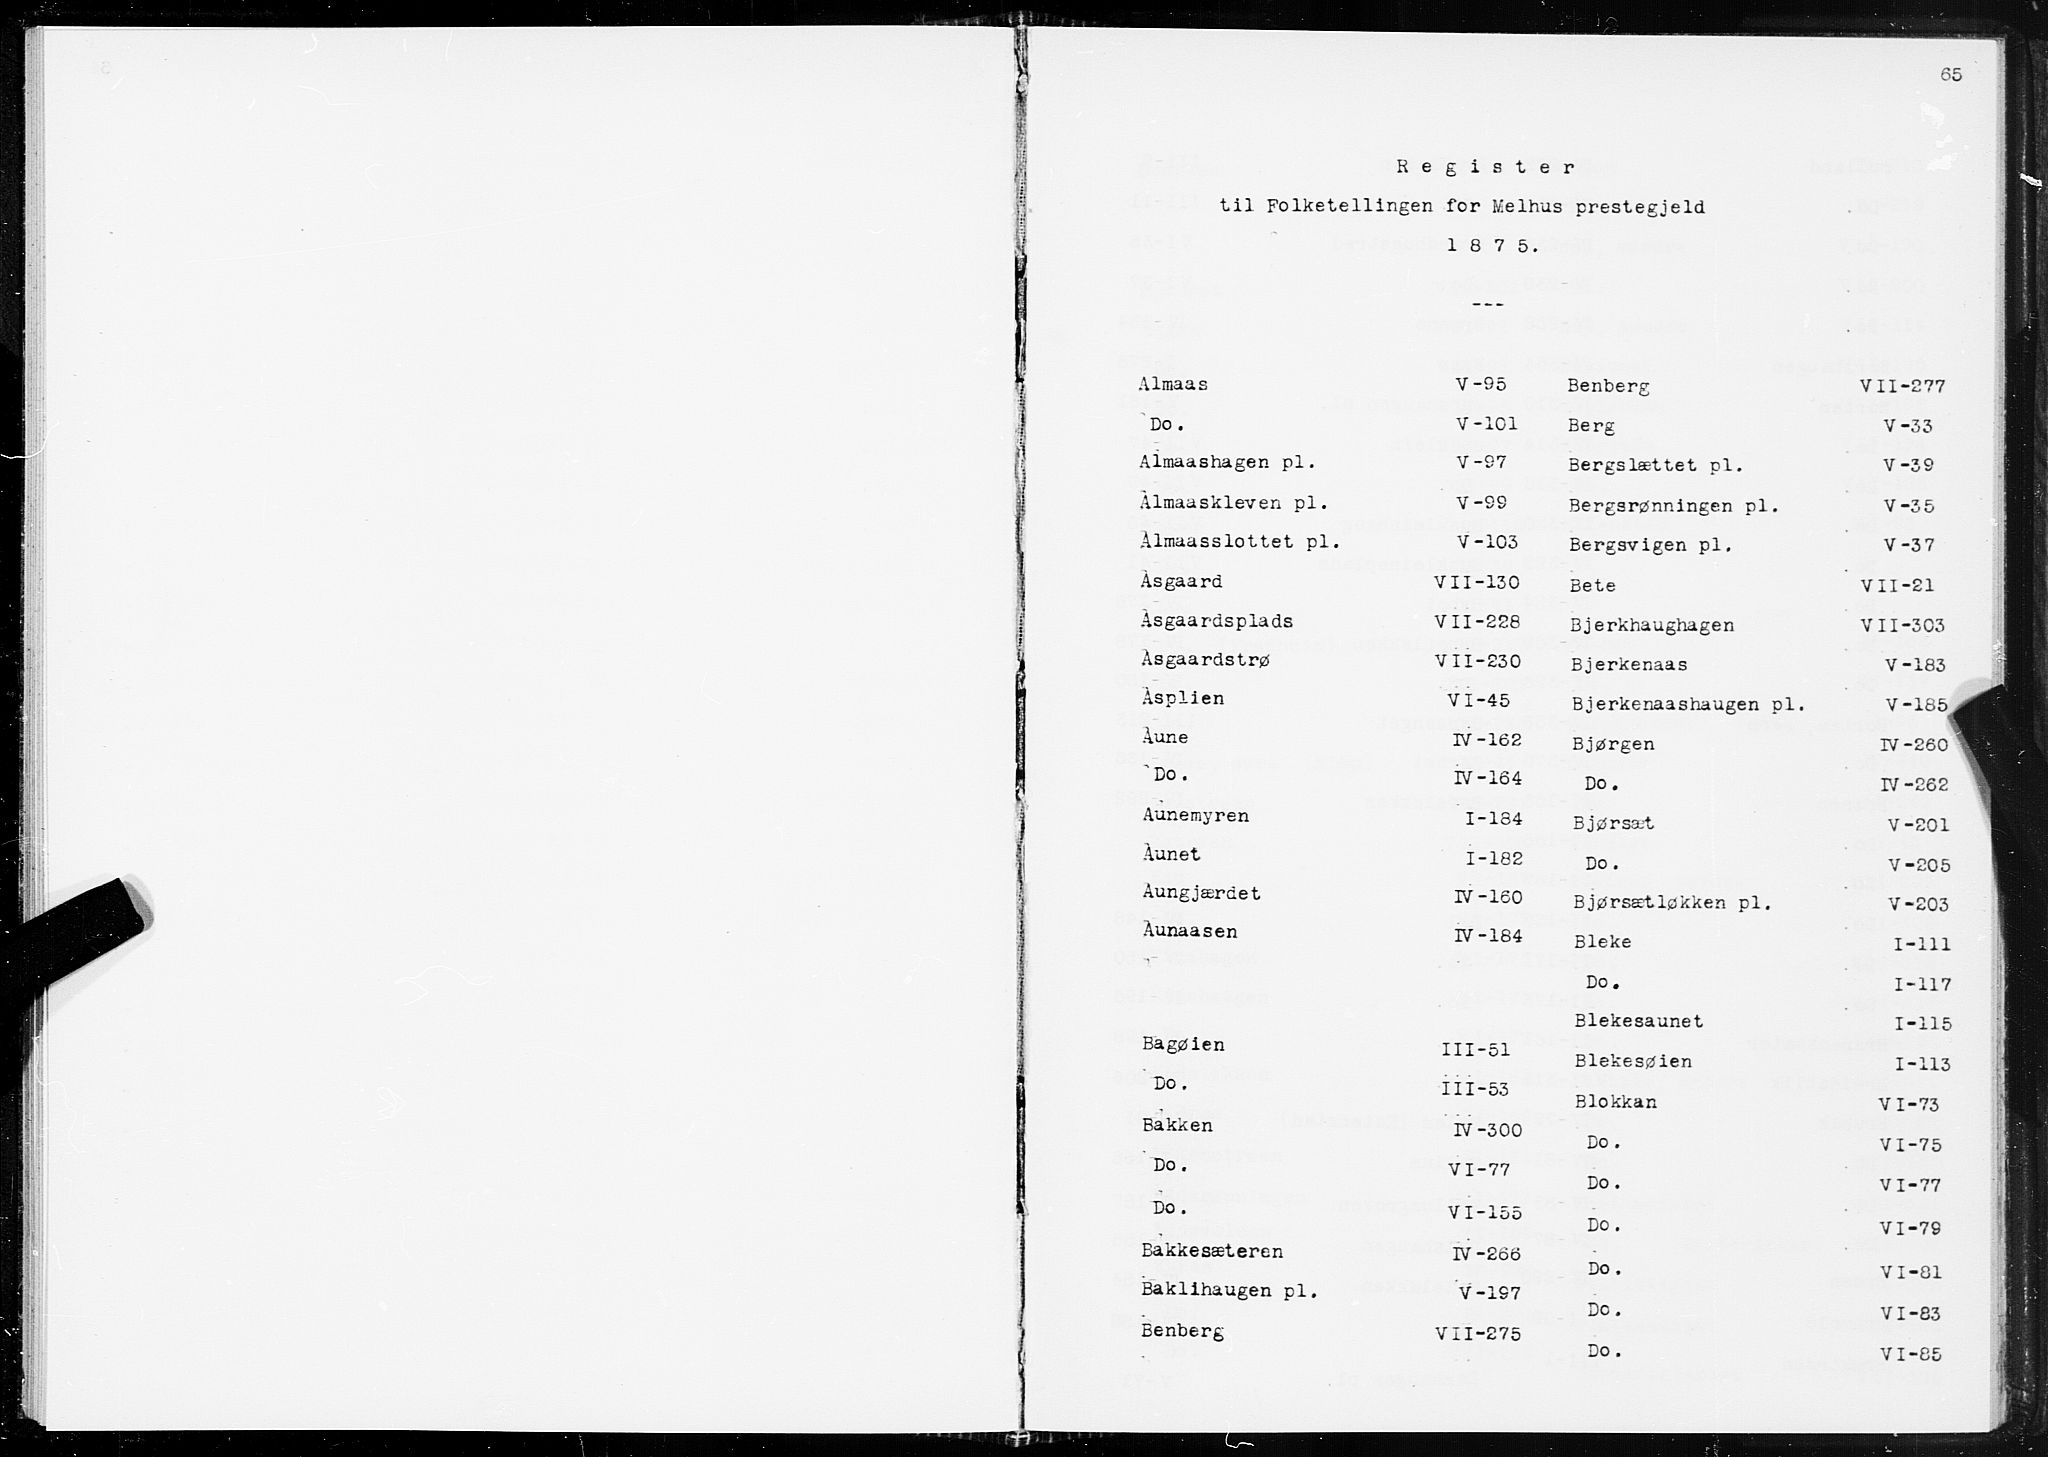 SAT, Folketelling 1875 for 1653P Melhus prestegjeld, 1875, s. 65